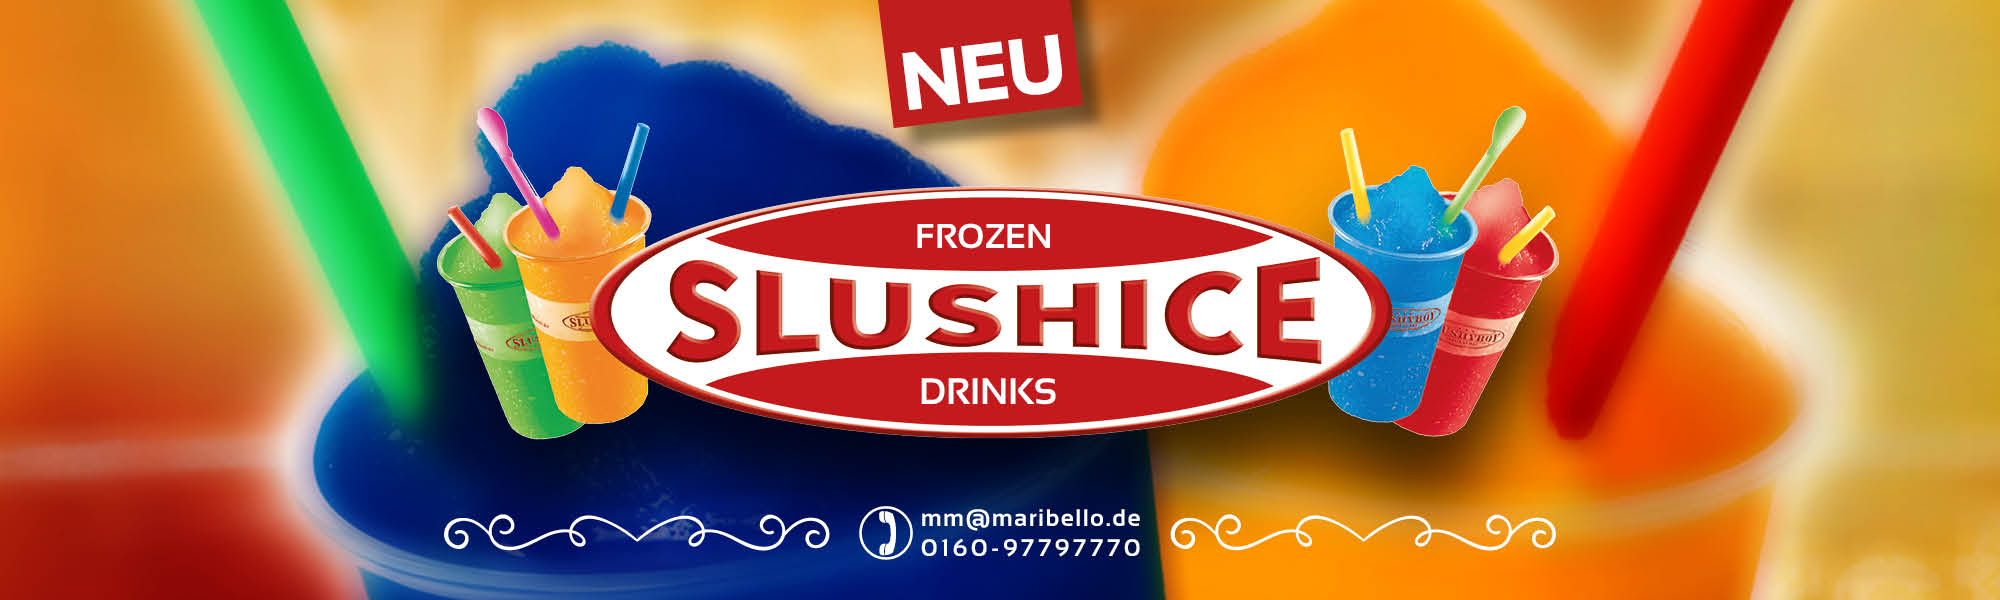 Slush-Teaser Cover.jpg